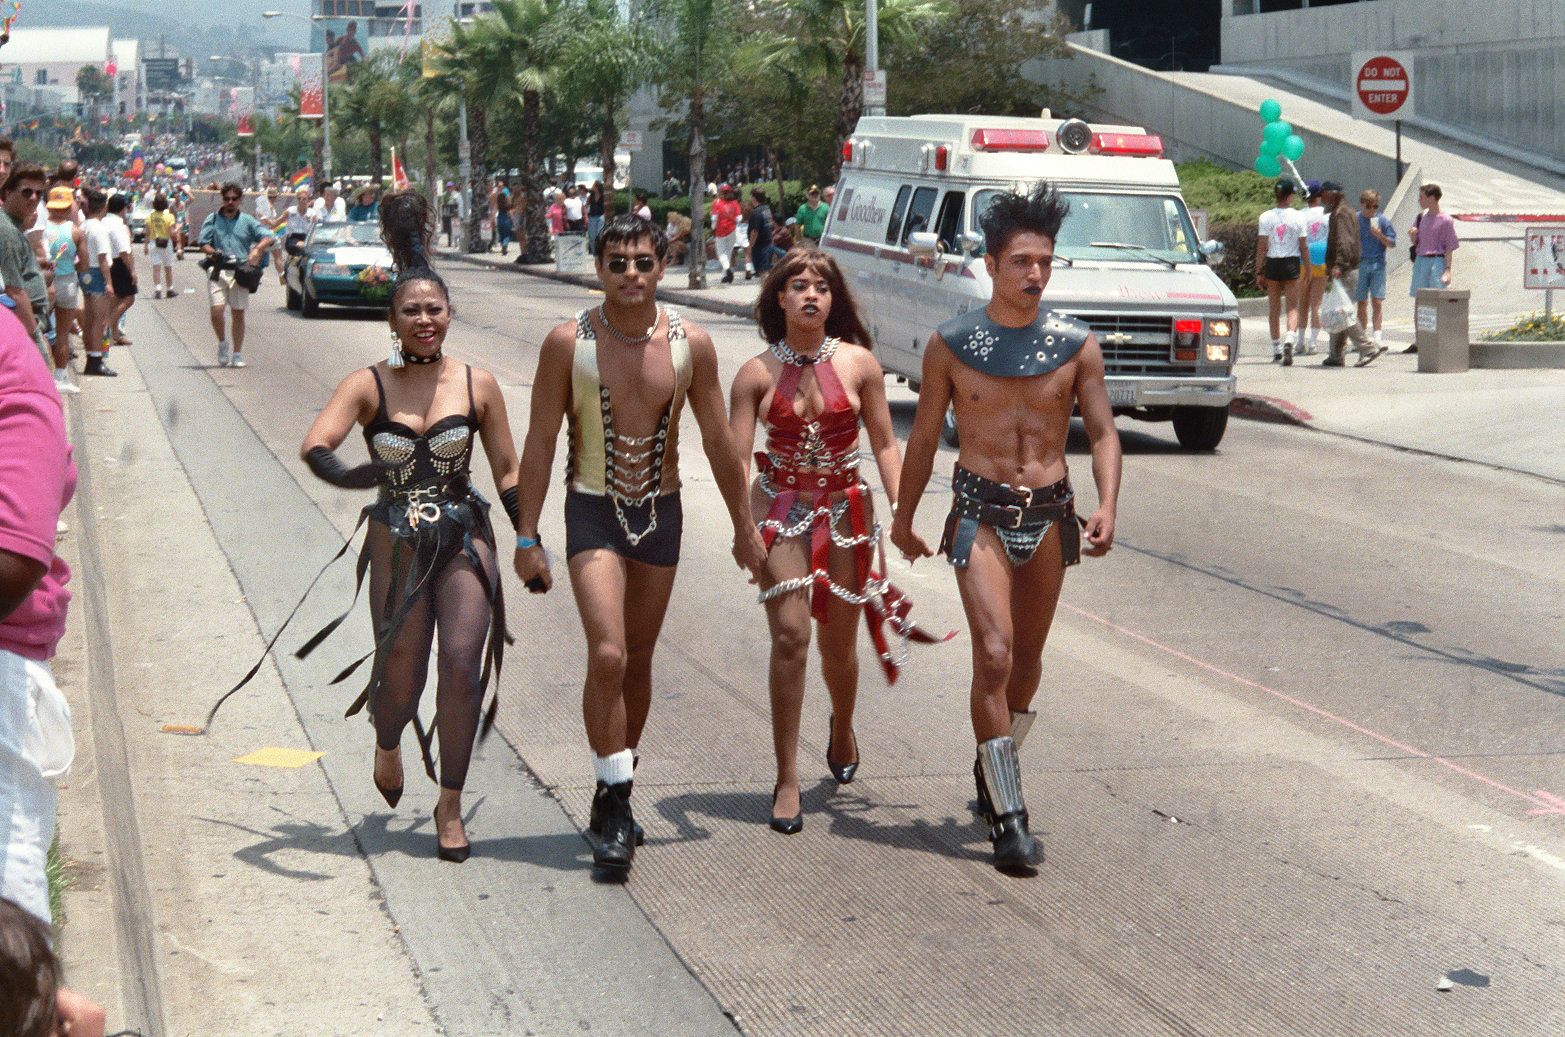 la-pride-1987-1995_22298128262_o